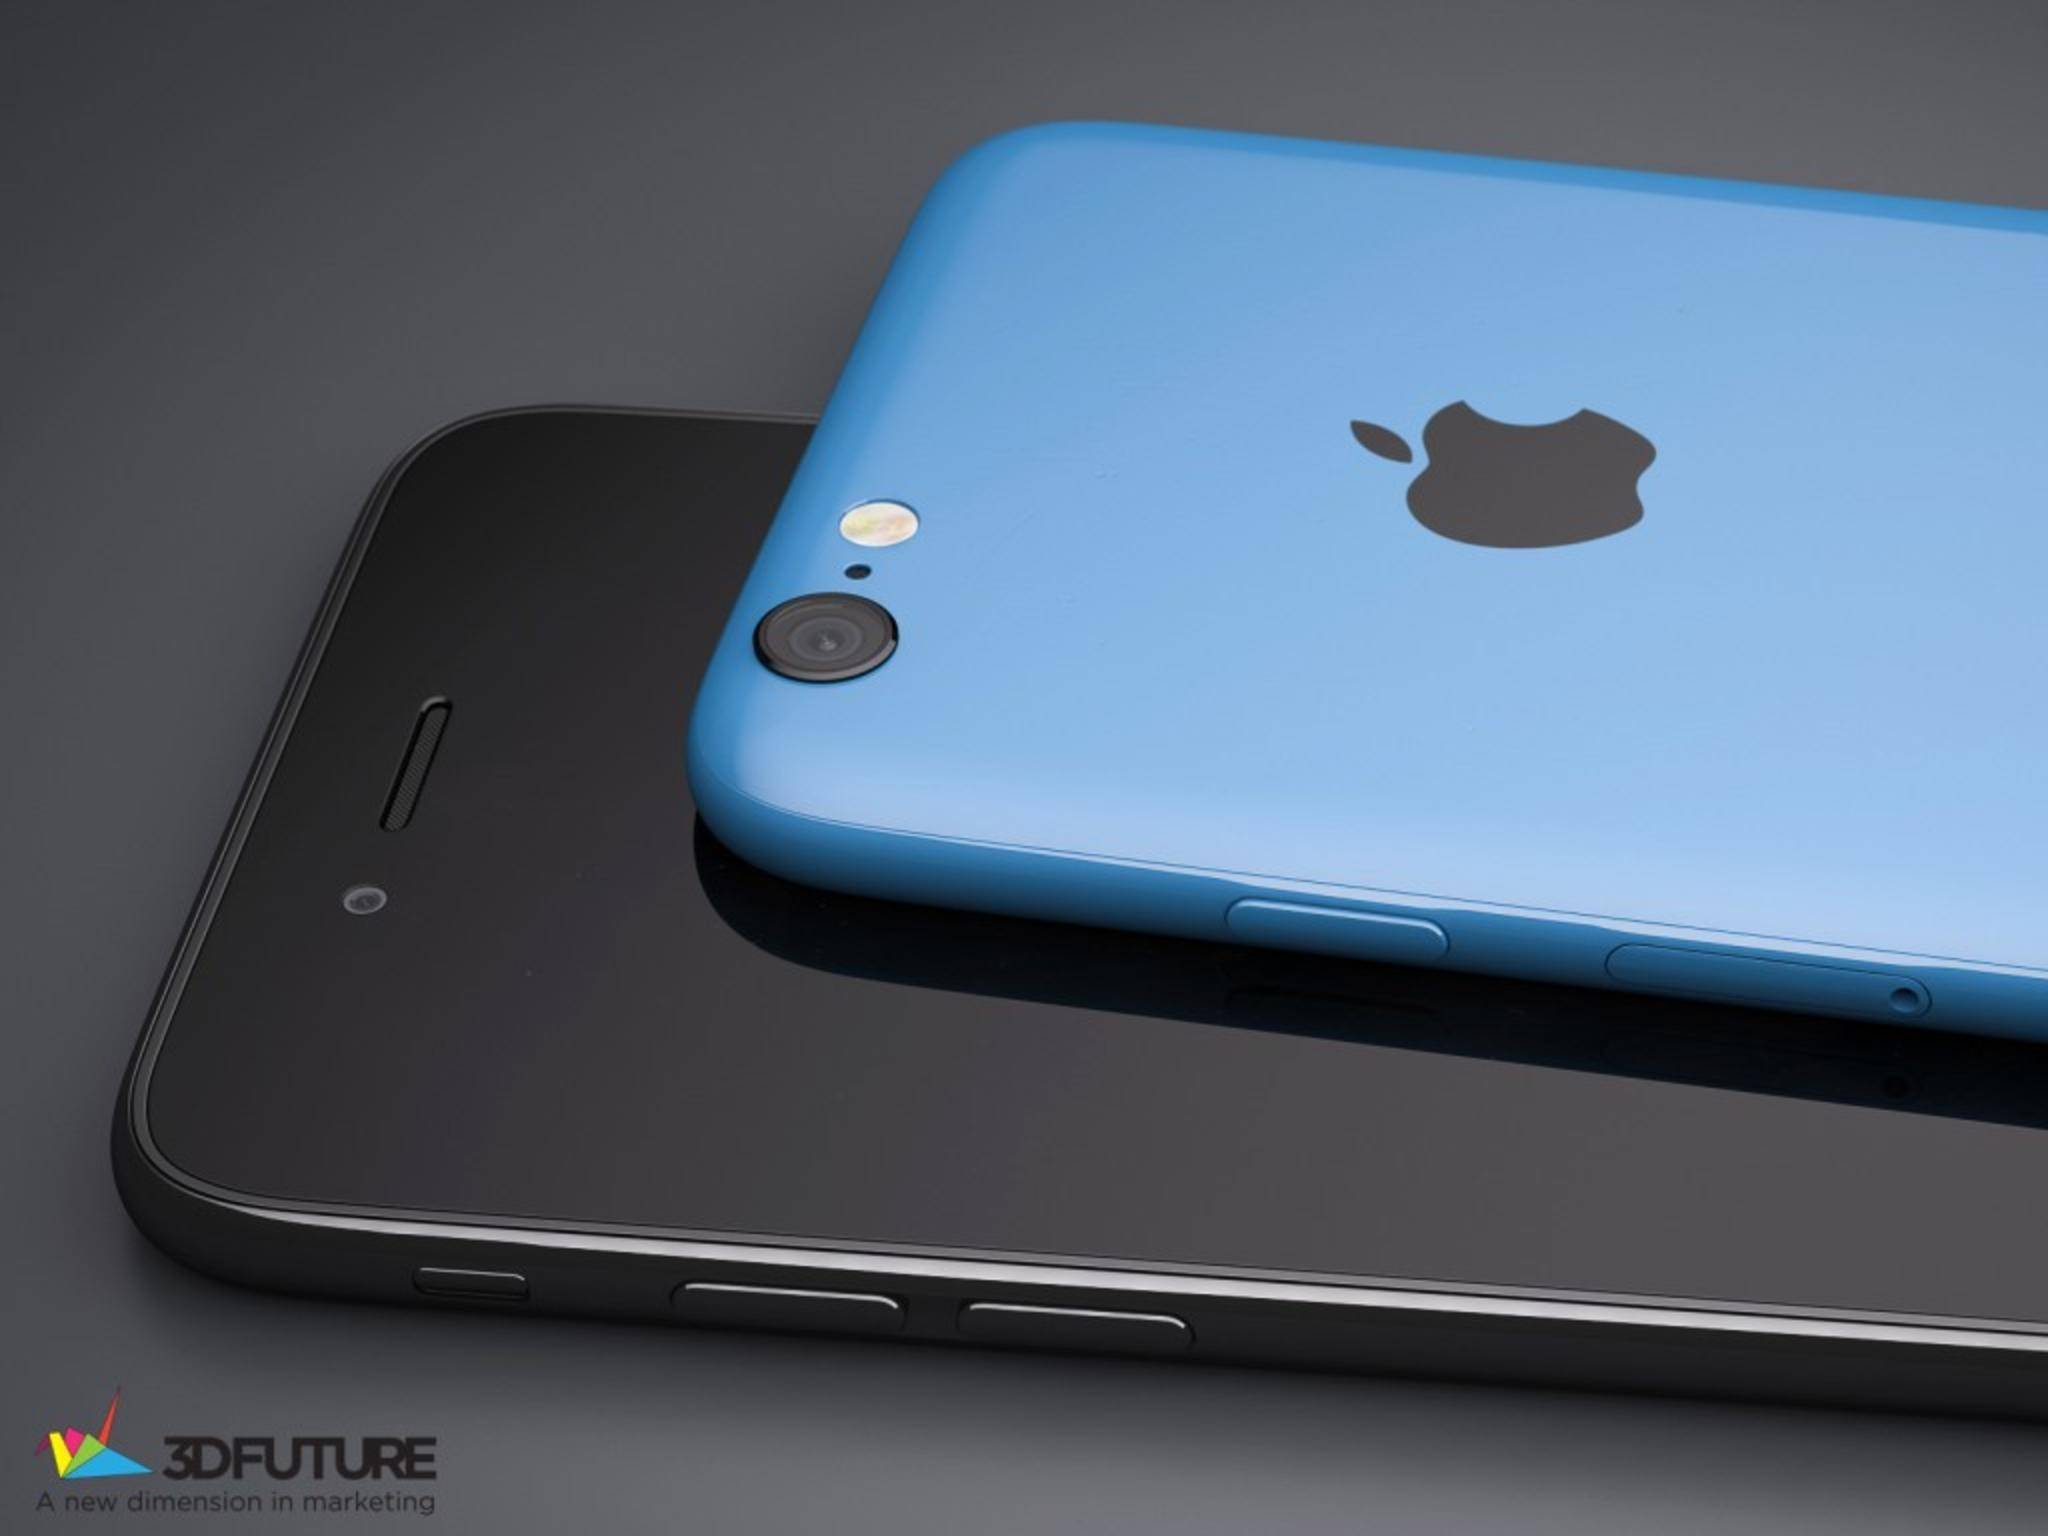 Das iPhone 6s dürfte im September 2015 vorgestellt werden.